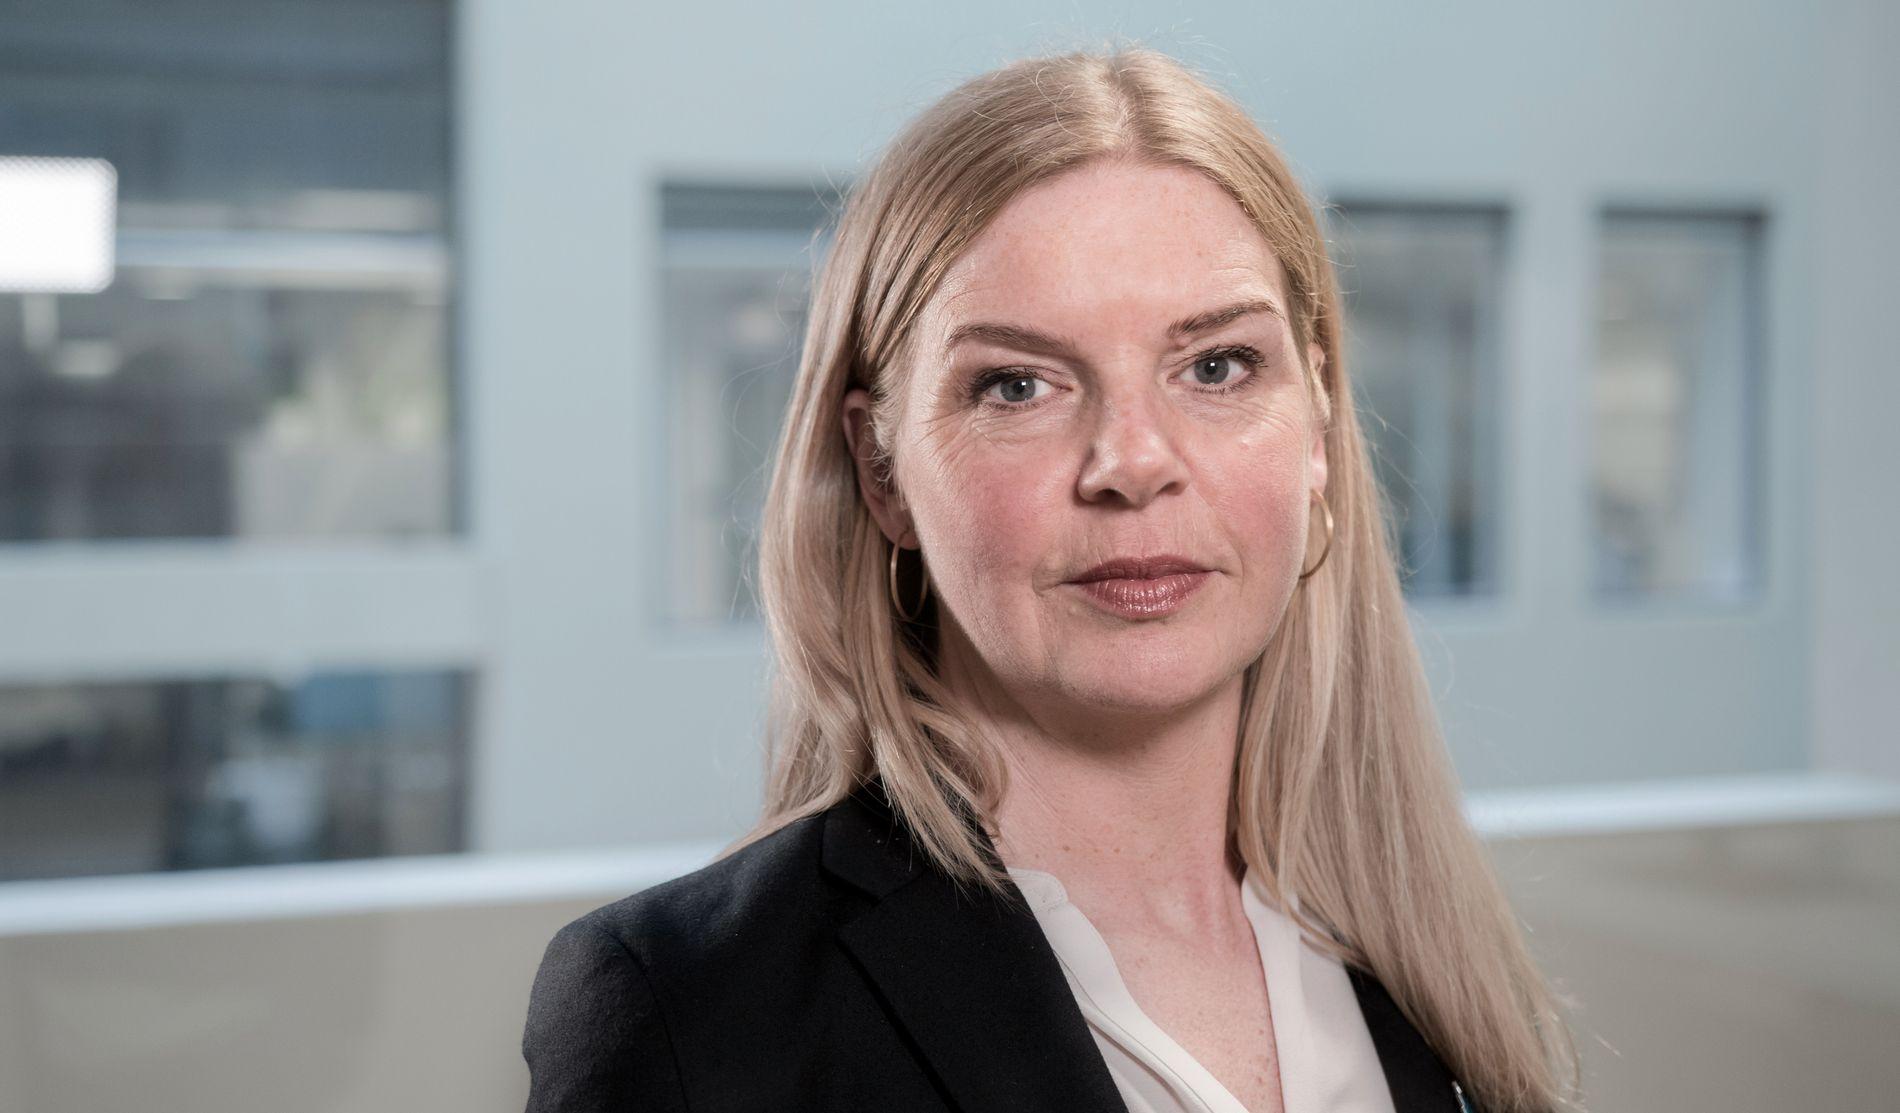 Av 58 spørsmål til Forbrukerrådets veiledningstjeneste, handlet 19 om kvalitet på vannleveransen, forteller Pia Cecilie Høst.